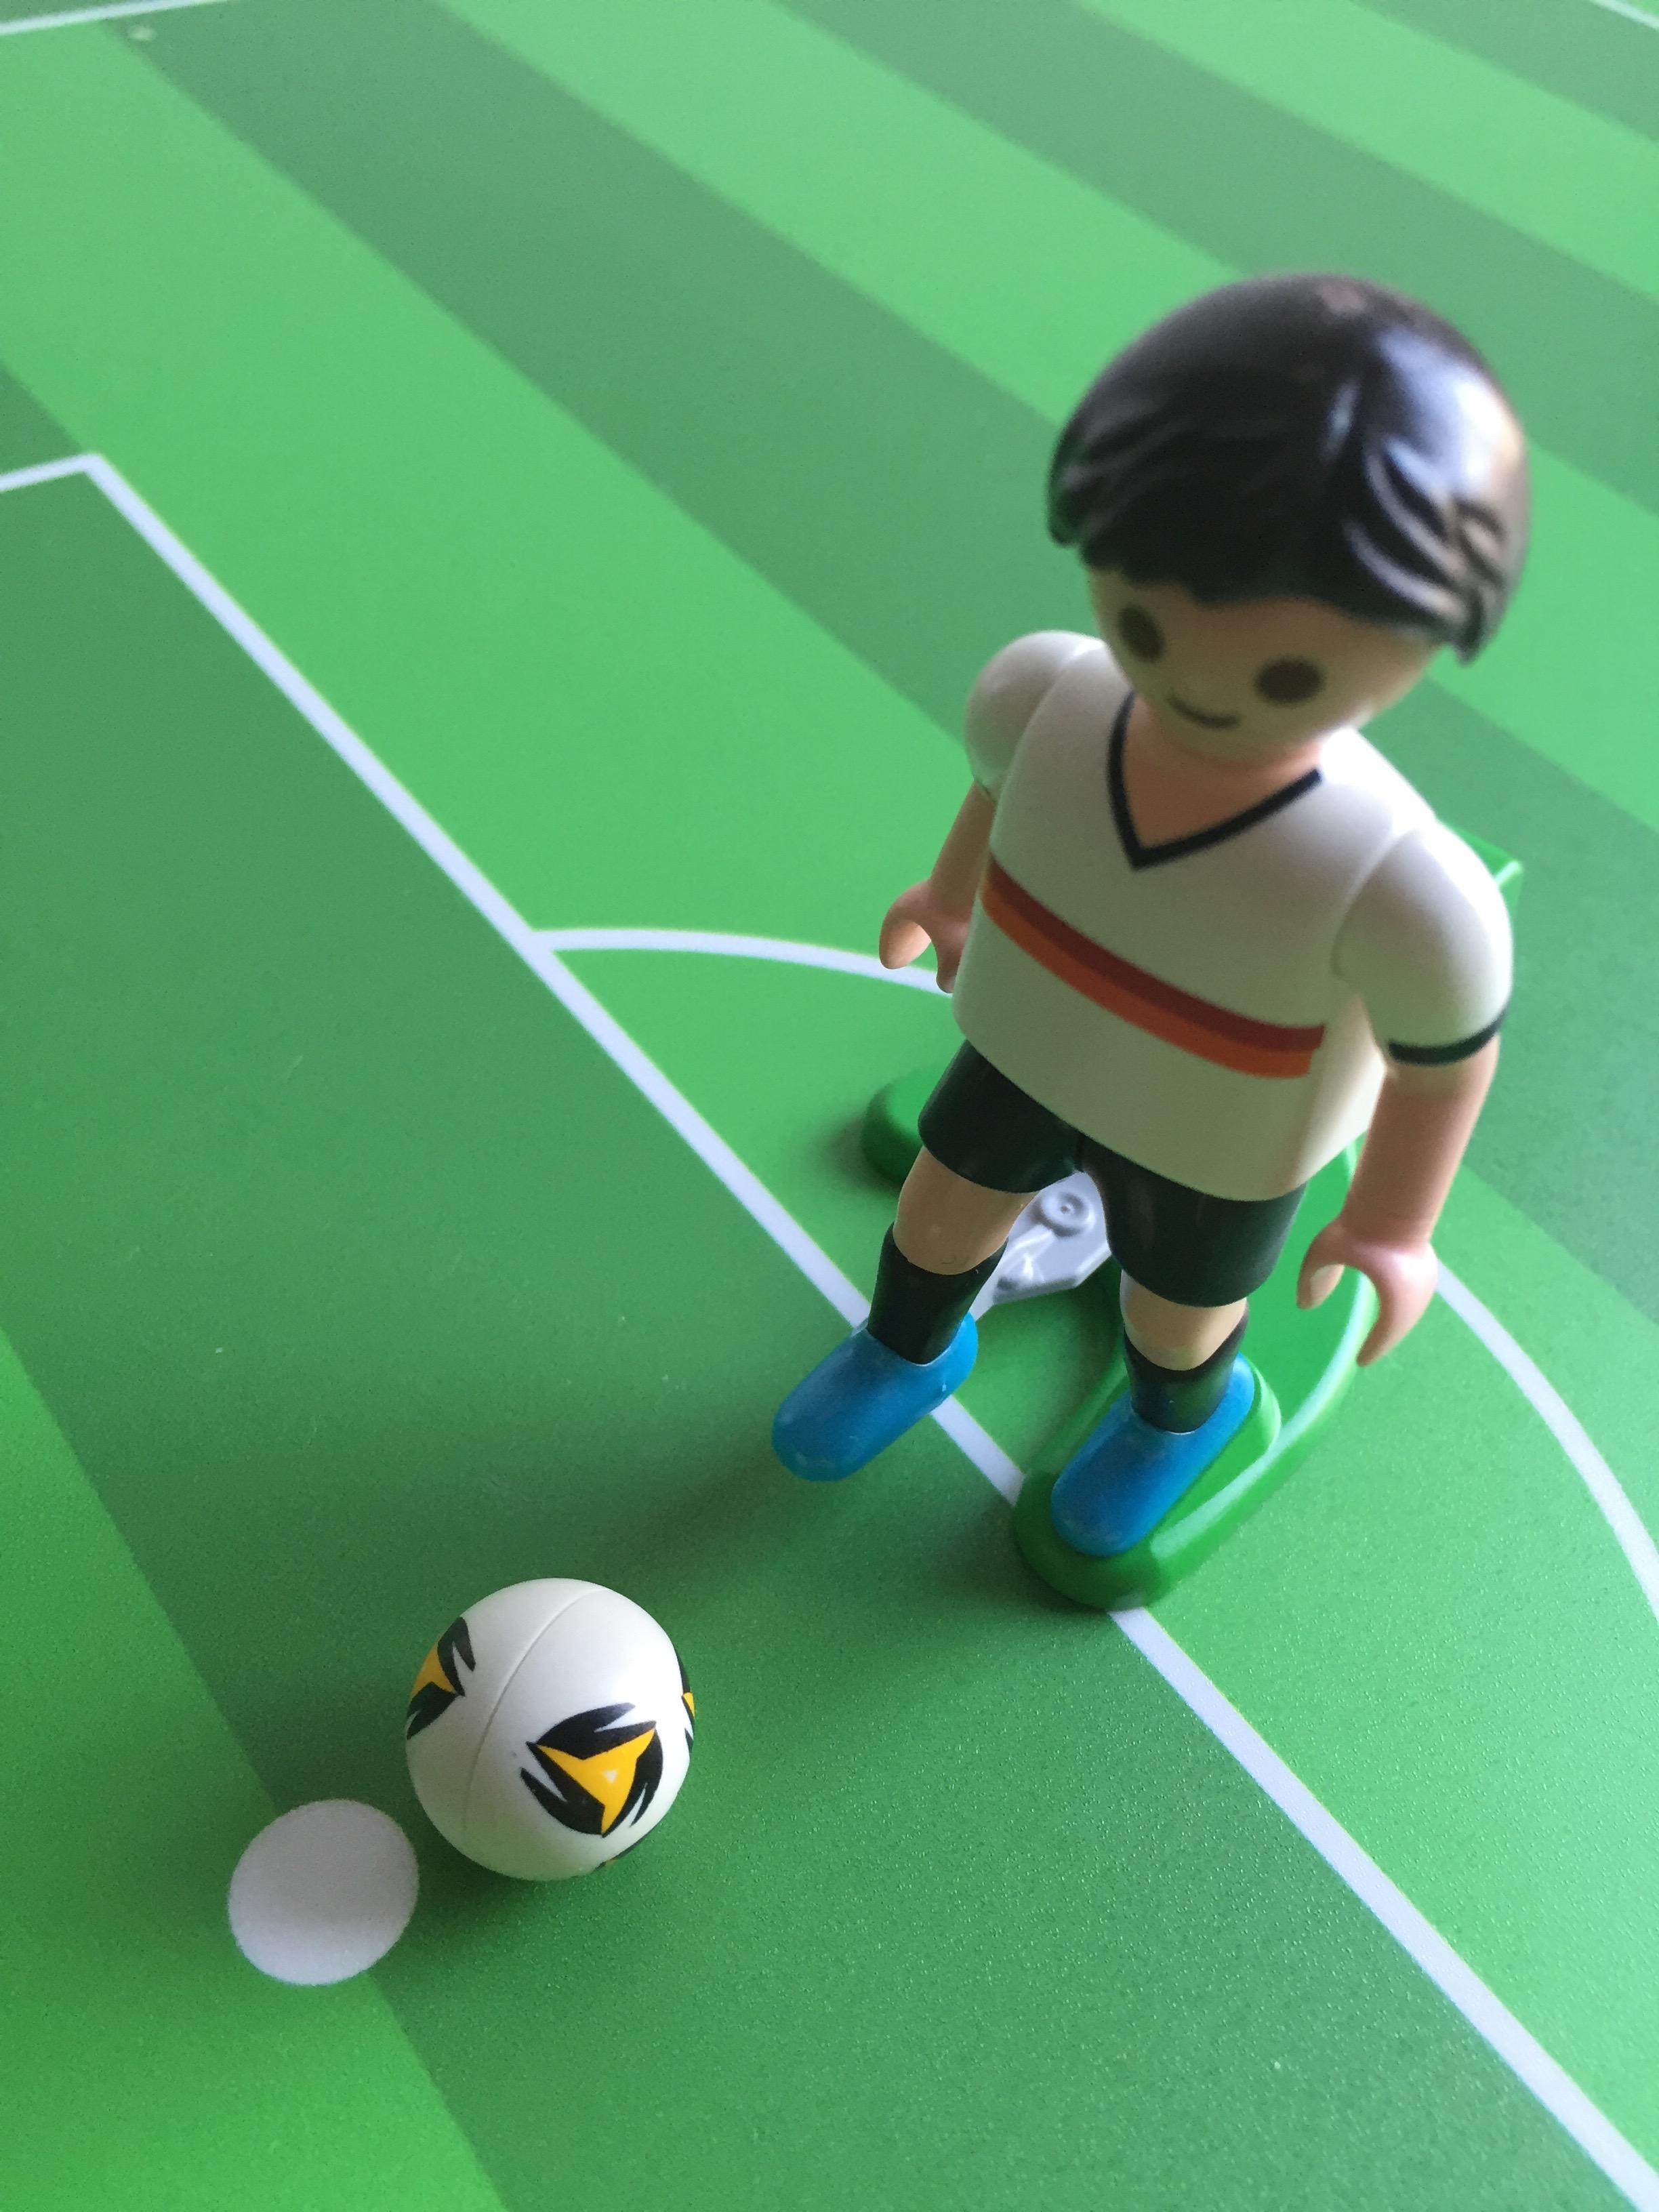 Ikea Linmon Alex Kinderschreibtisch Fussballfeld grün Teilansicht Spieler